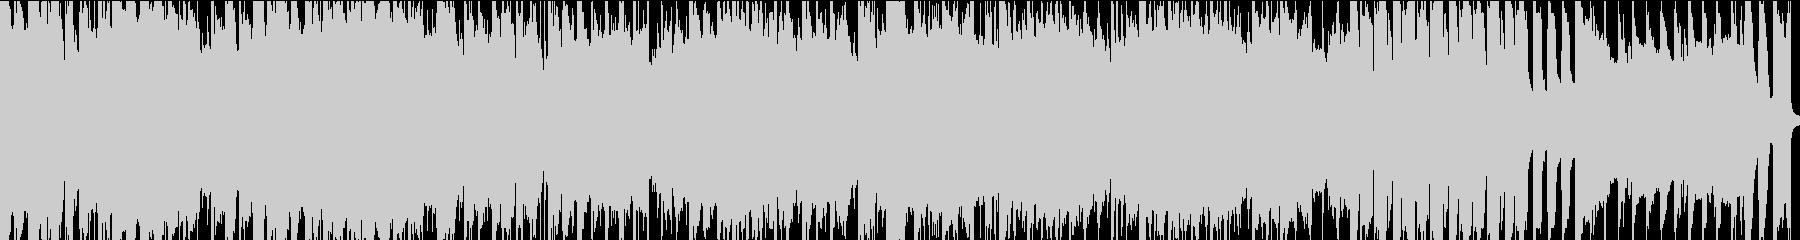 ポップなアコースティックループ音源の未再生の波形